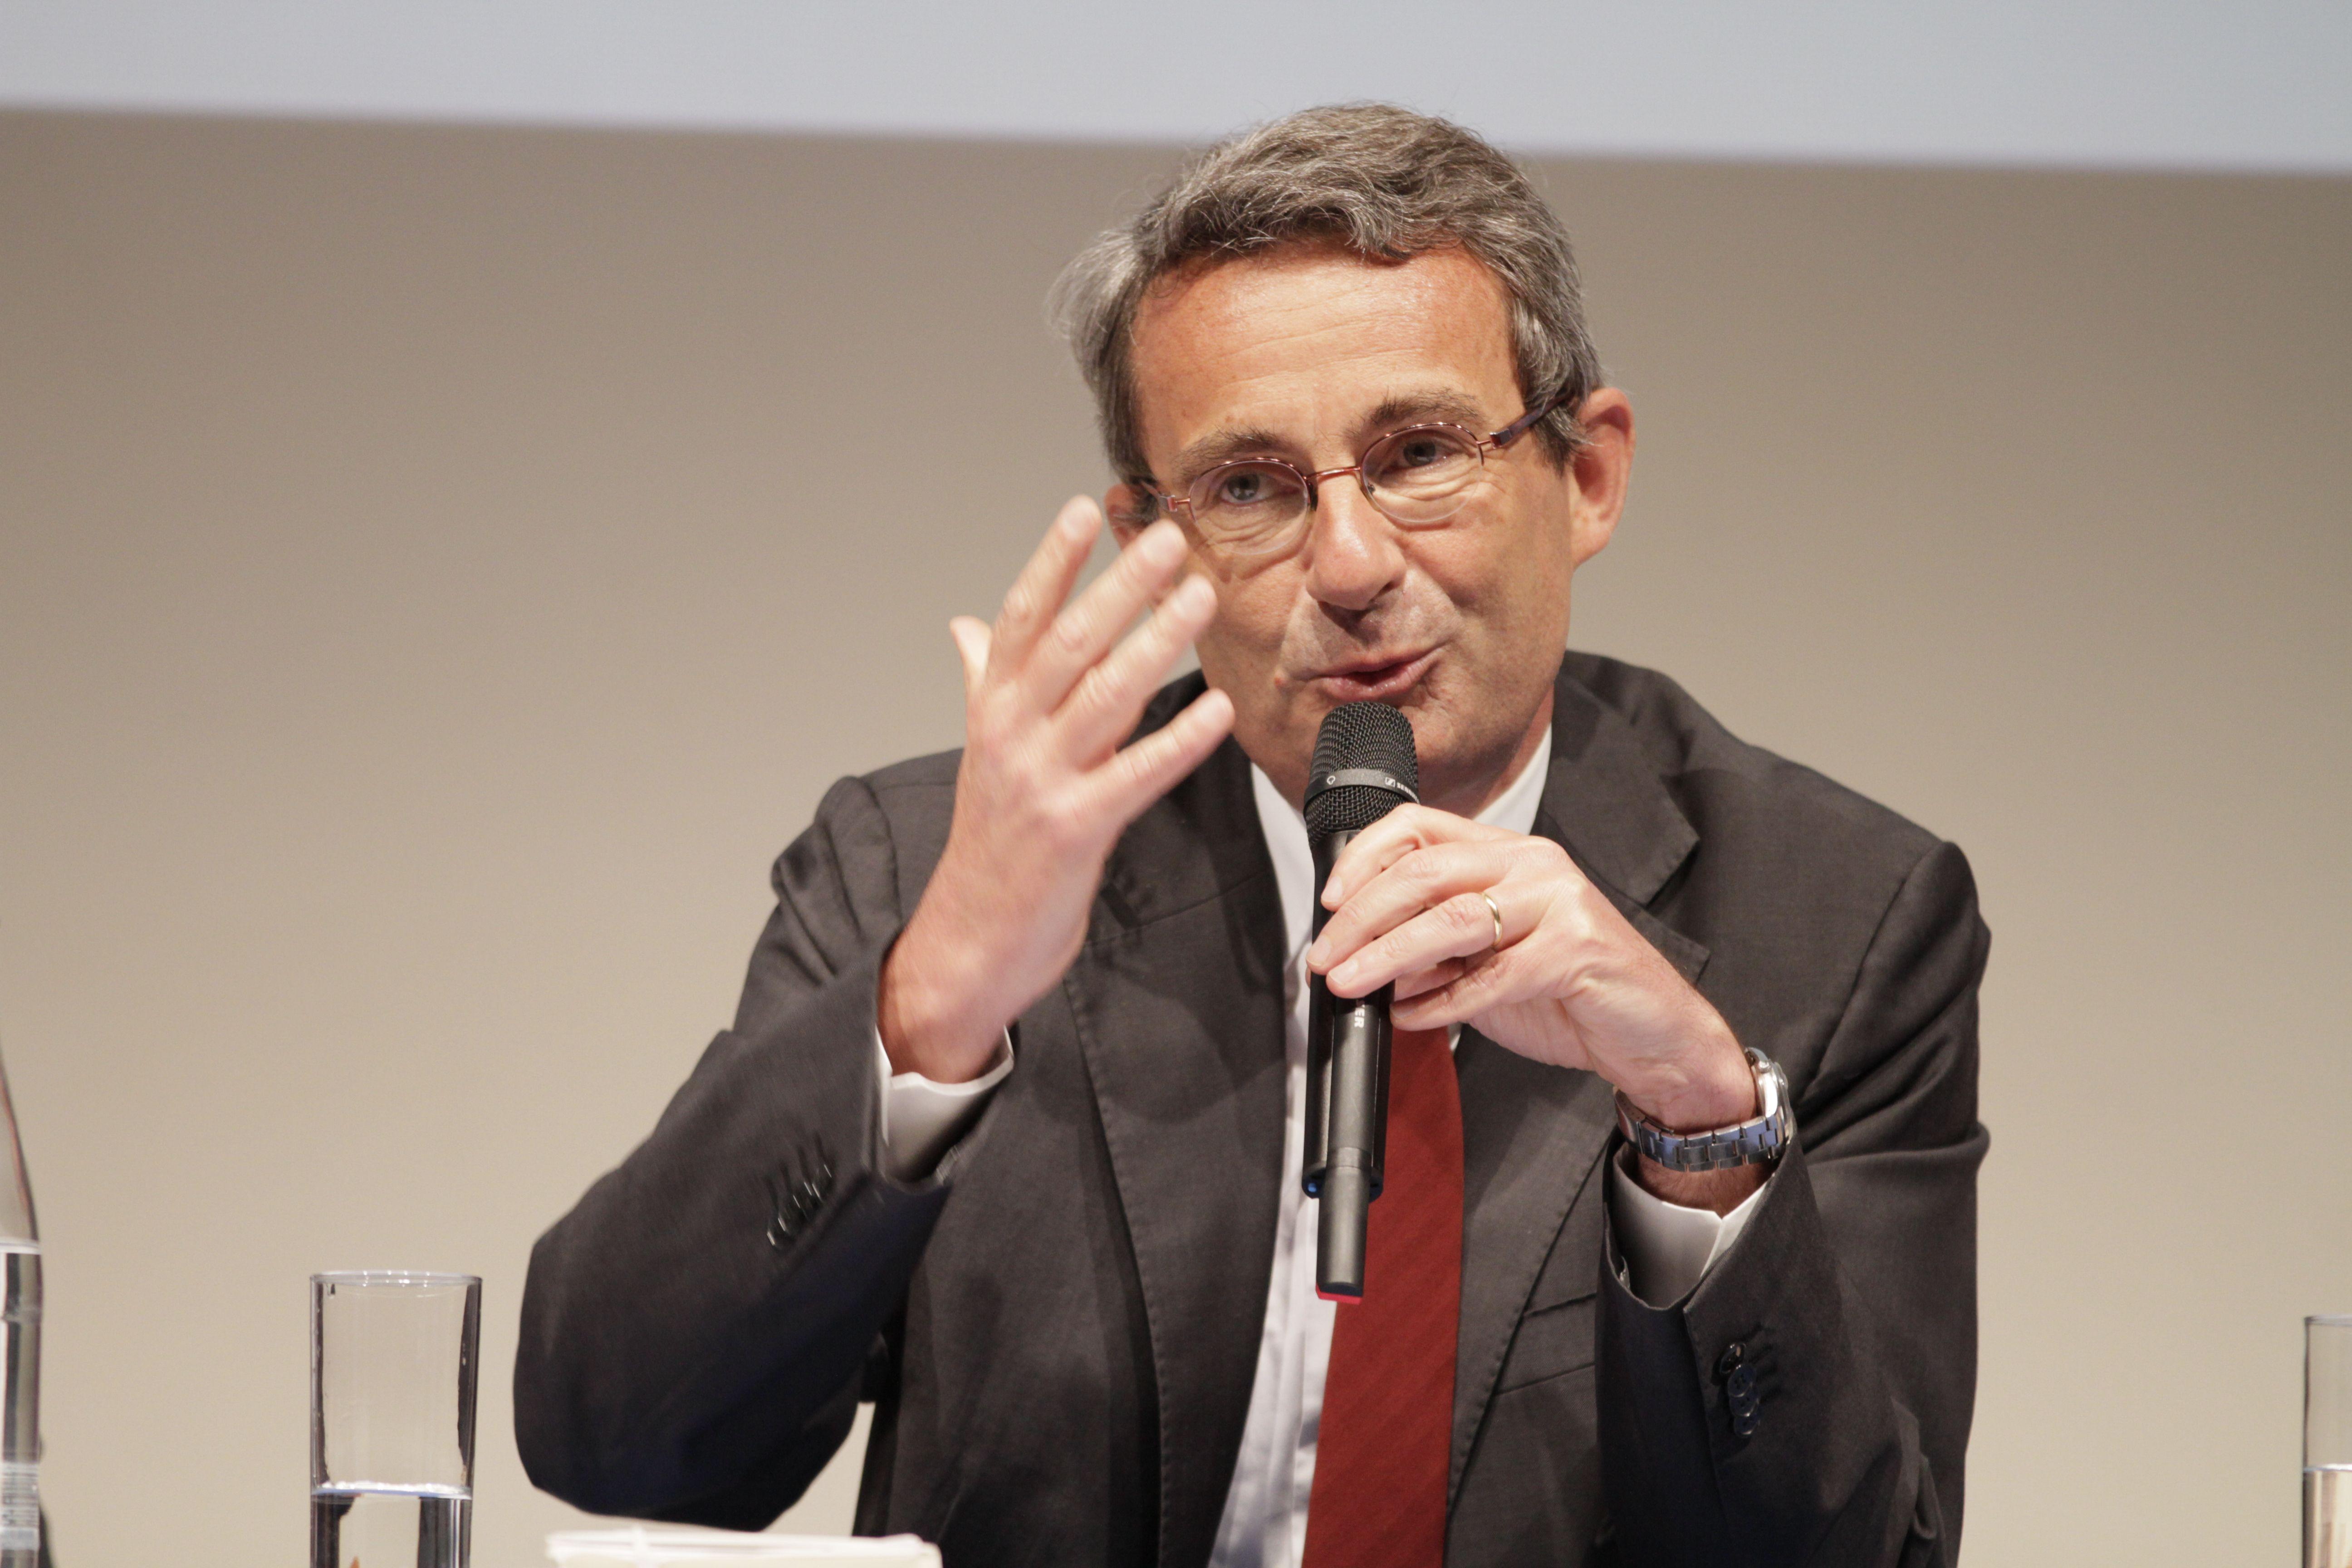 """Jean-Christophe Fromantin : """"Inciter les Français à prendre leur destin en main est la seule issue possible et c'est ce que nous comptons faire avec 577 pour la France"""""""